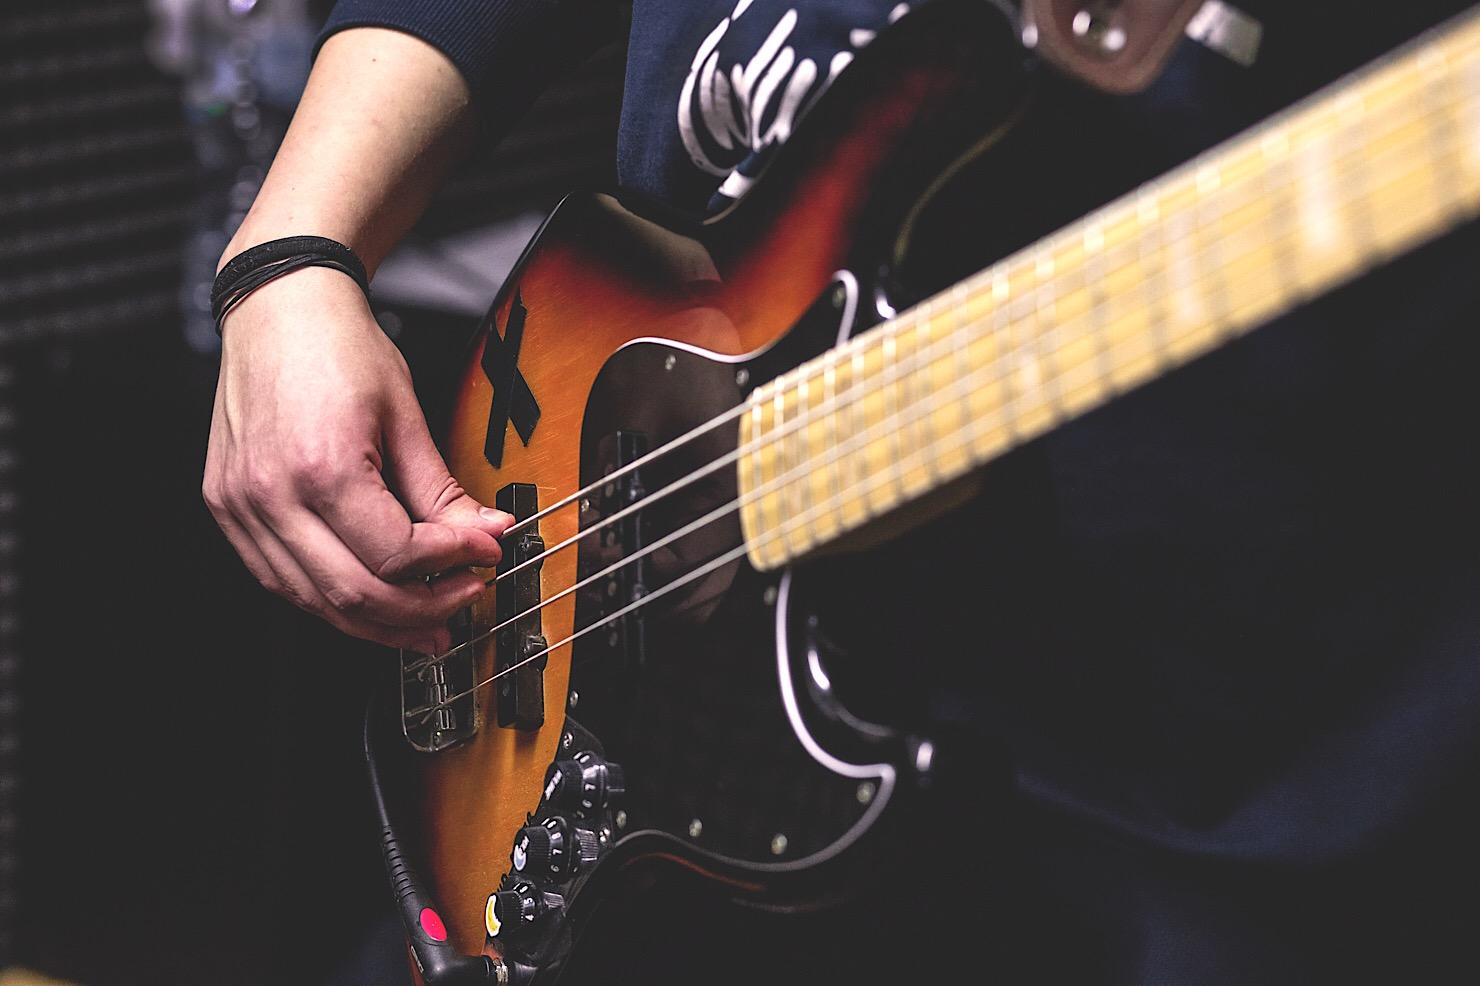 garageband-ios-bass-1